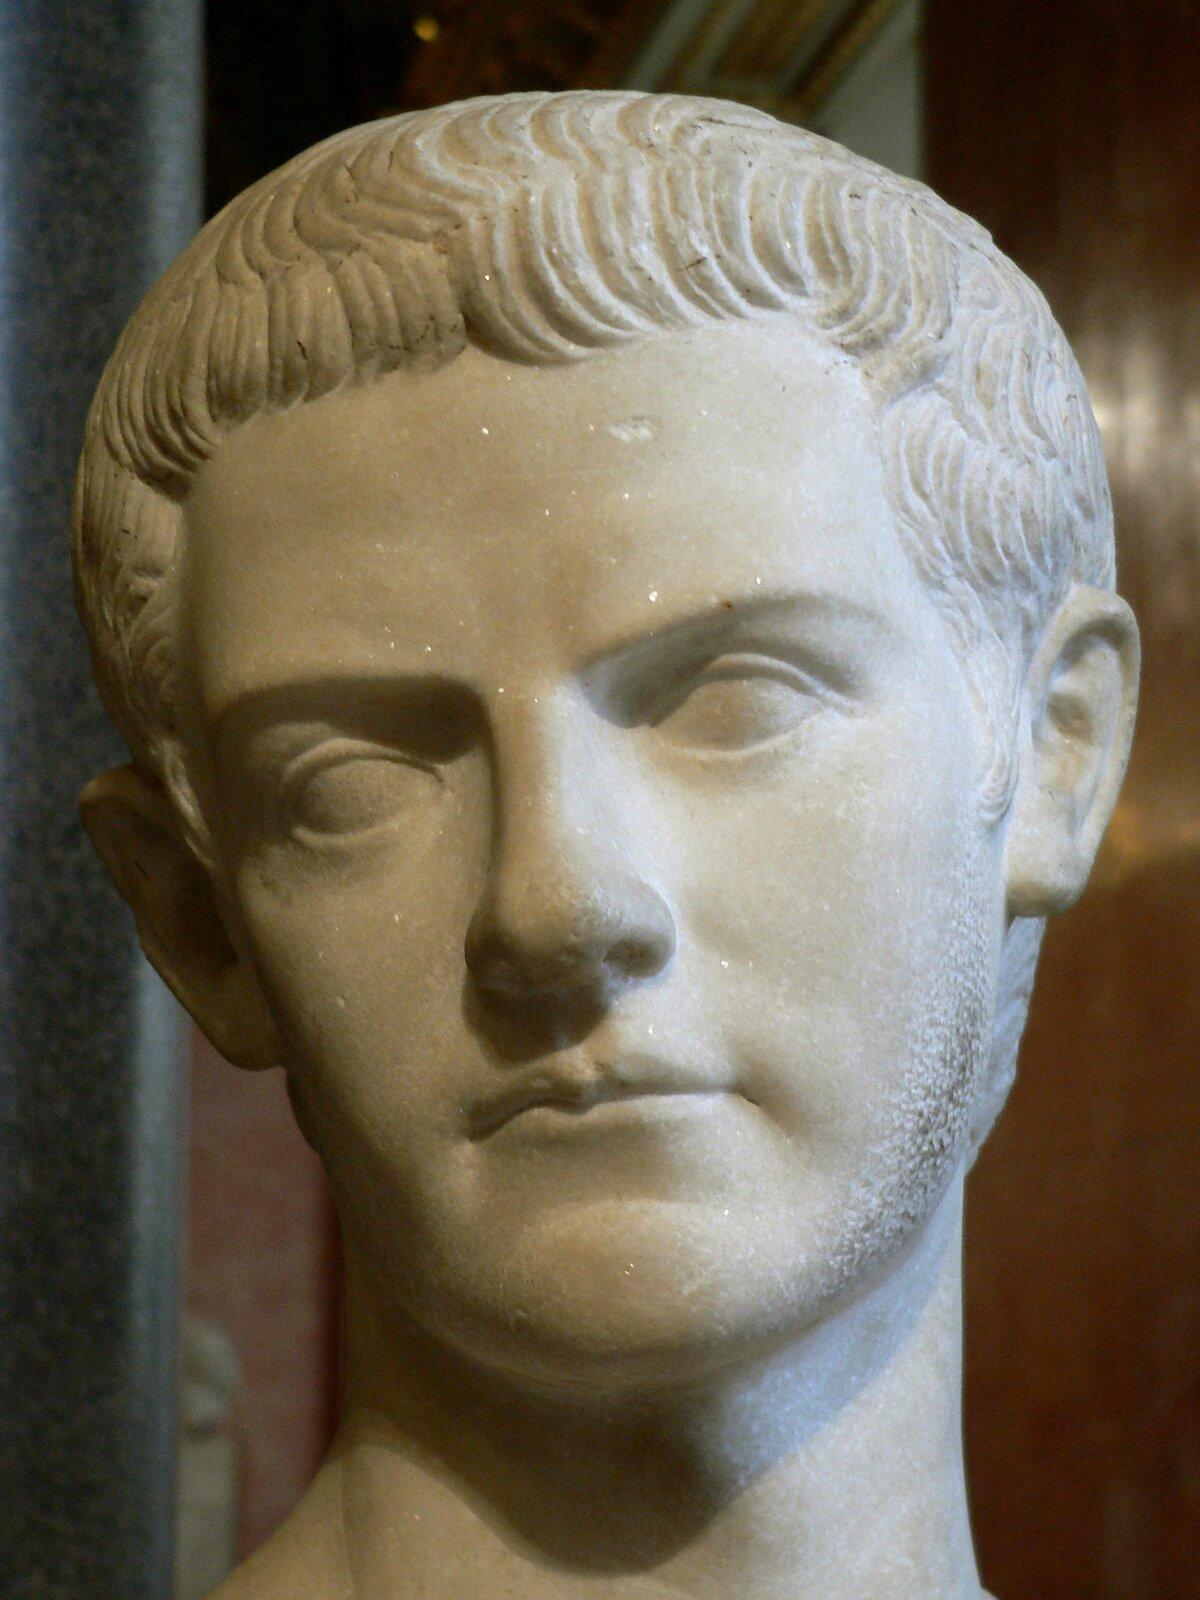 Ilustracja przedstawia marmurowe popiersie cesarza Kaliguli. Władca ukazany jest jako młodzieniec. Ma lekko przechyloną głowę, krótkie włosy iduże oczy.